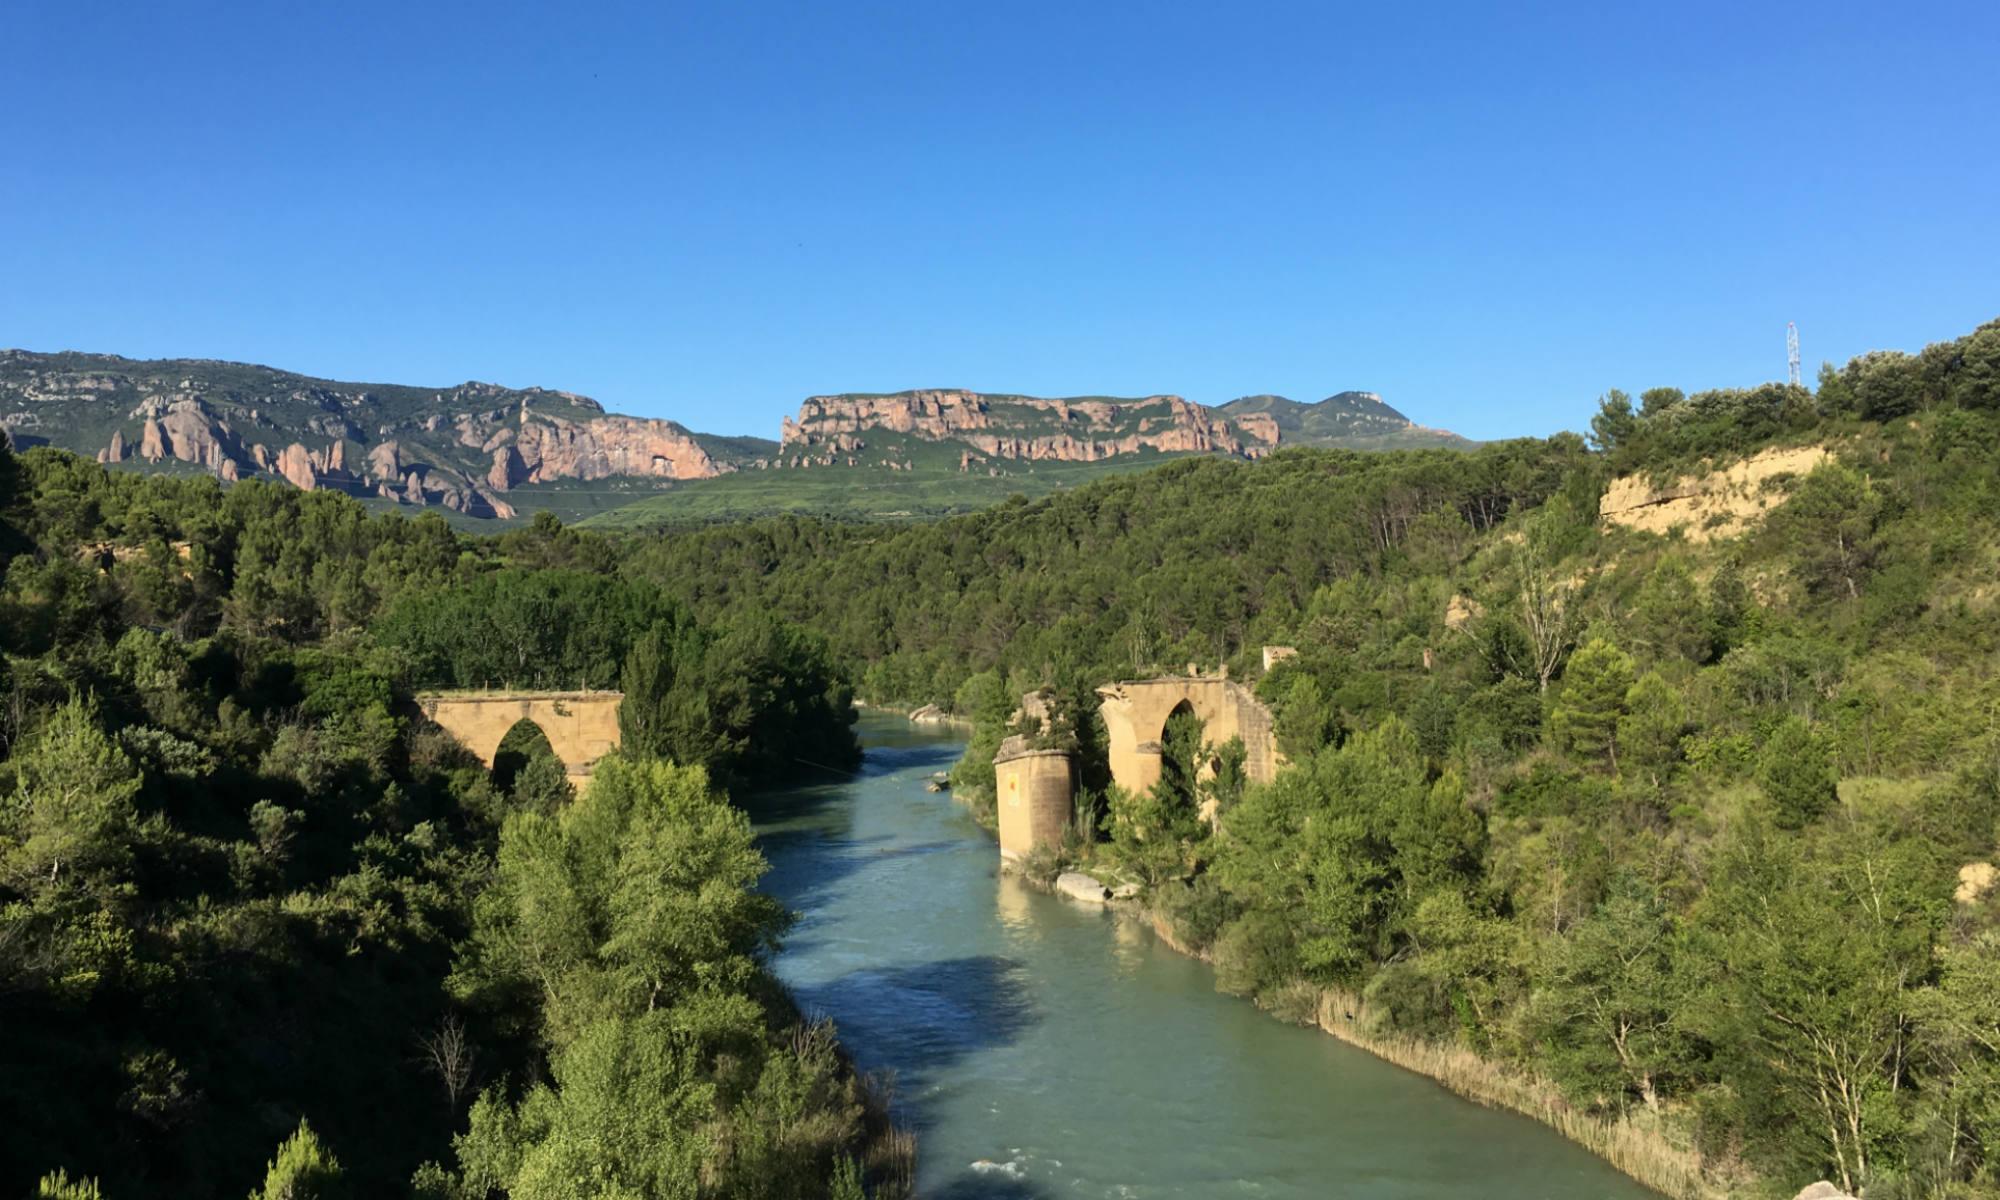 De Río Gállego in de Spaanse provincie Aragón.